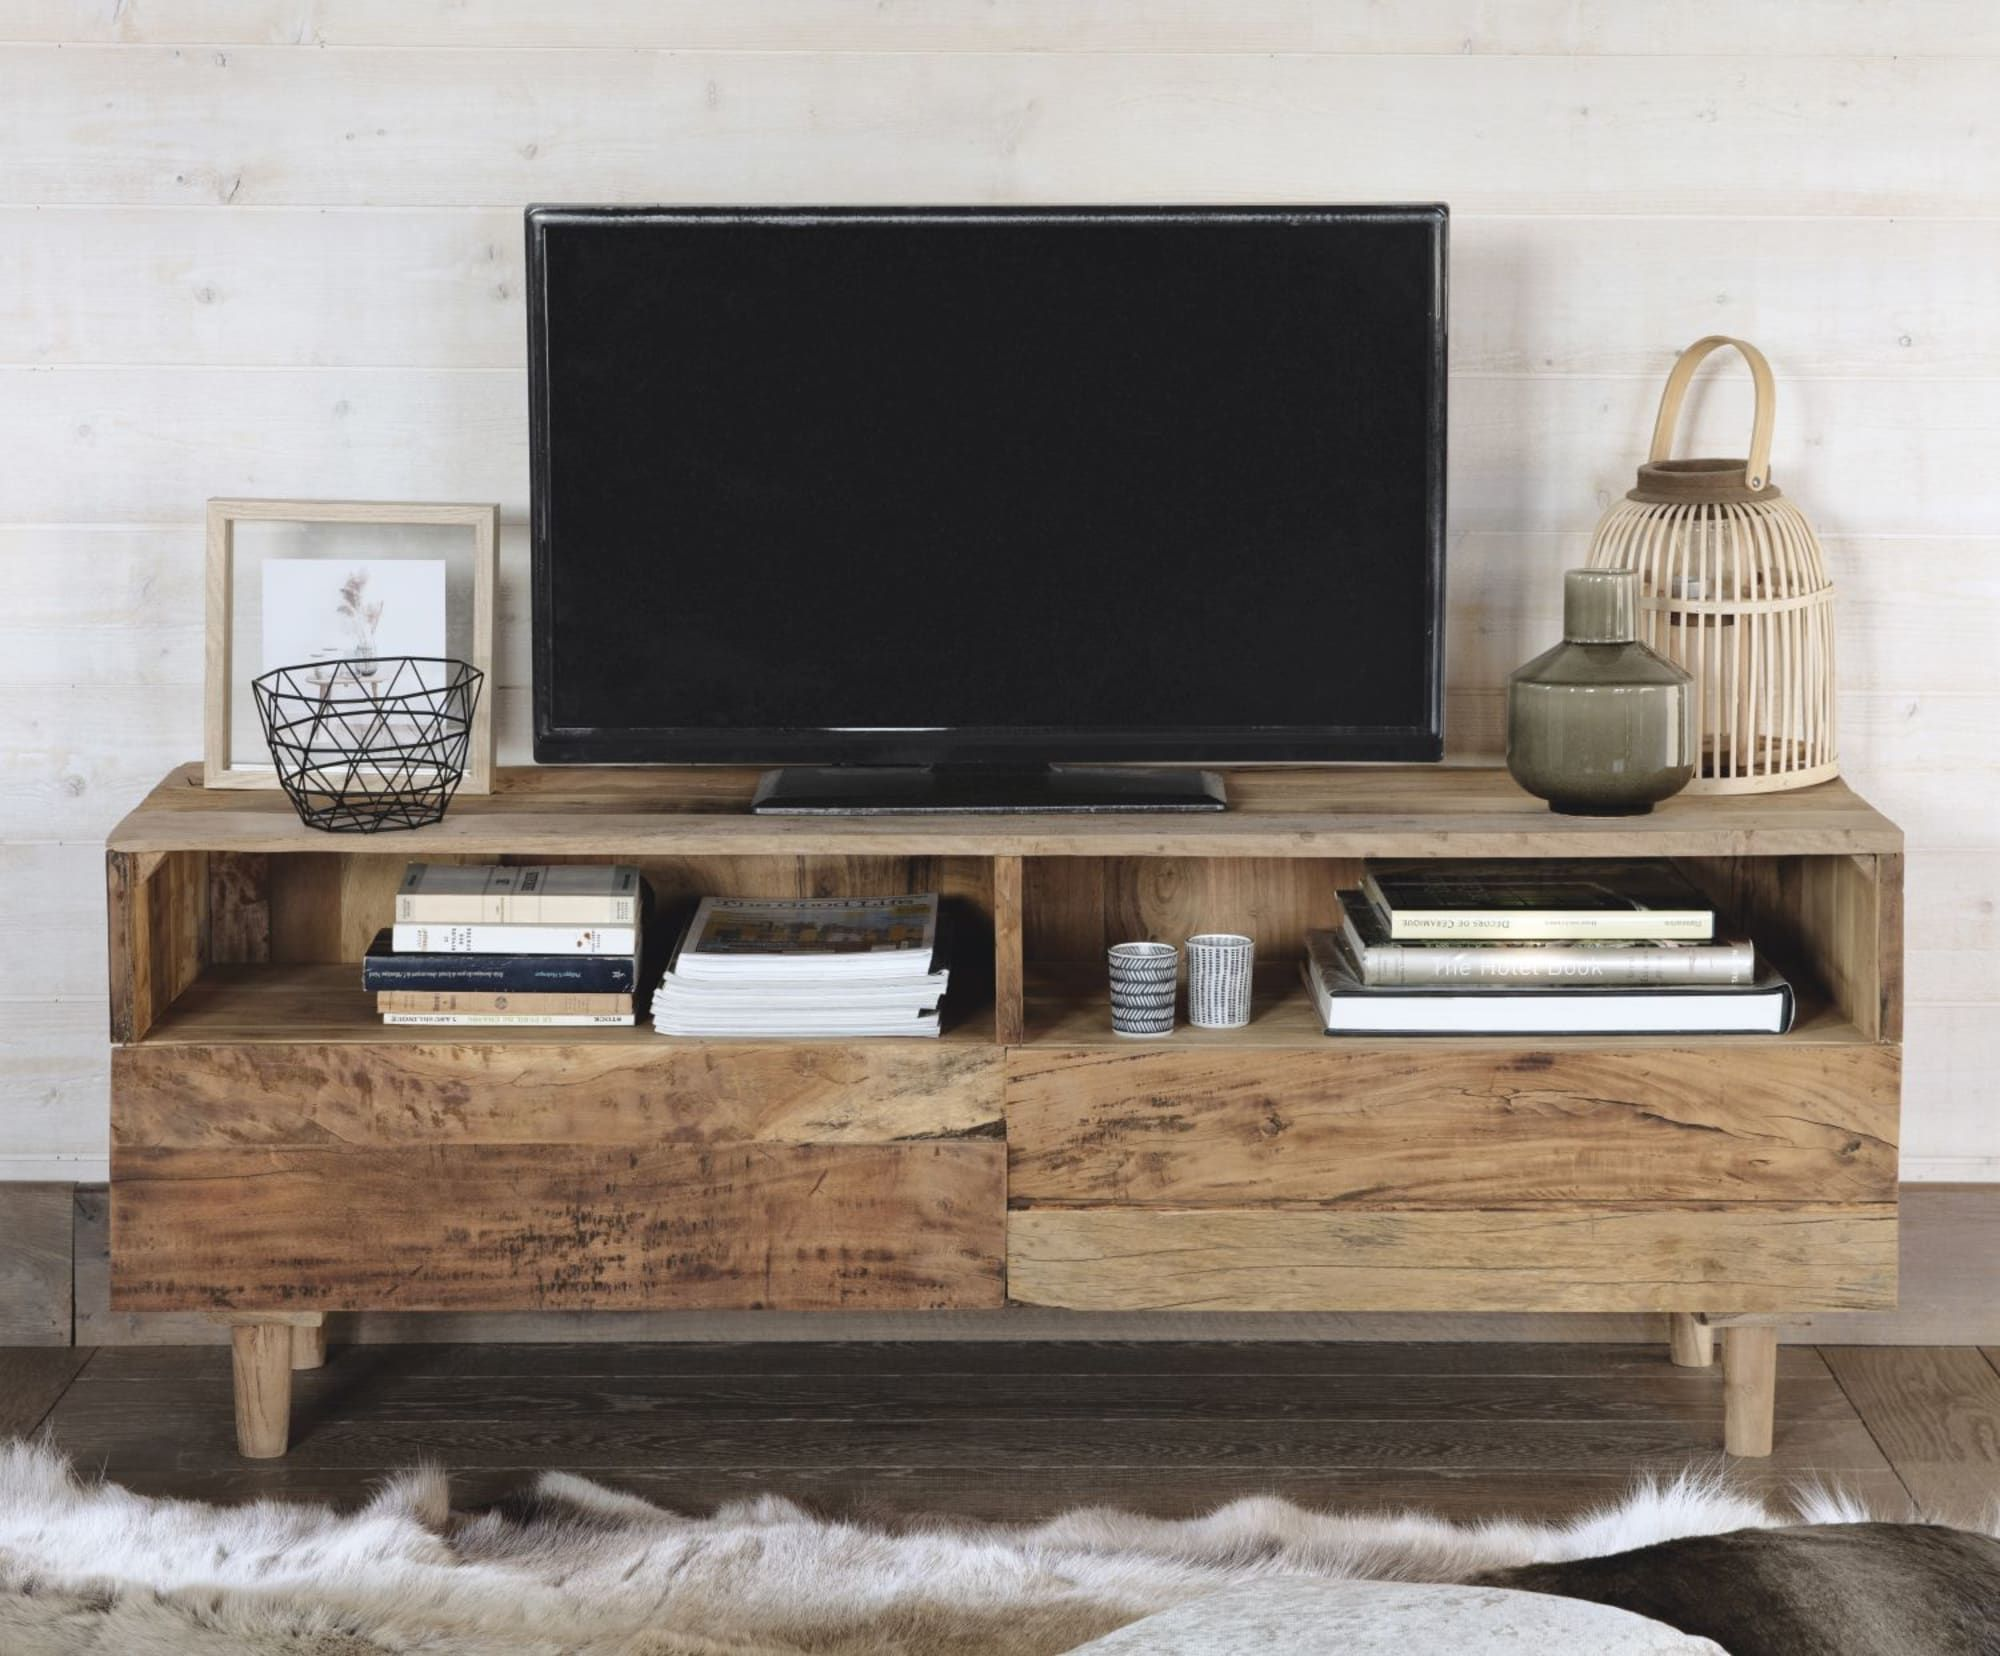 Meuble Tv 2 Tiroirs En Bois Recycles Tennessee Maisons Du Monde Idee Meuble Tv Meubles Faits Maison Idees De Meubles